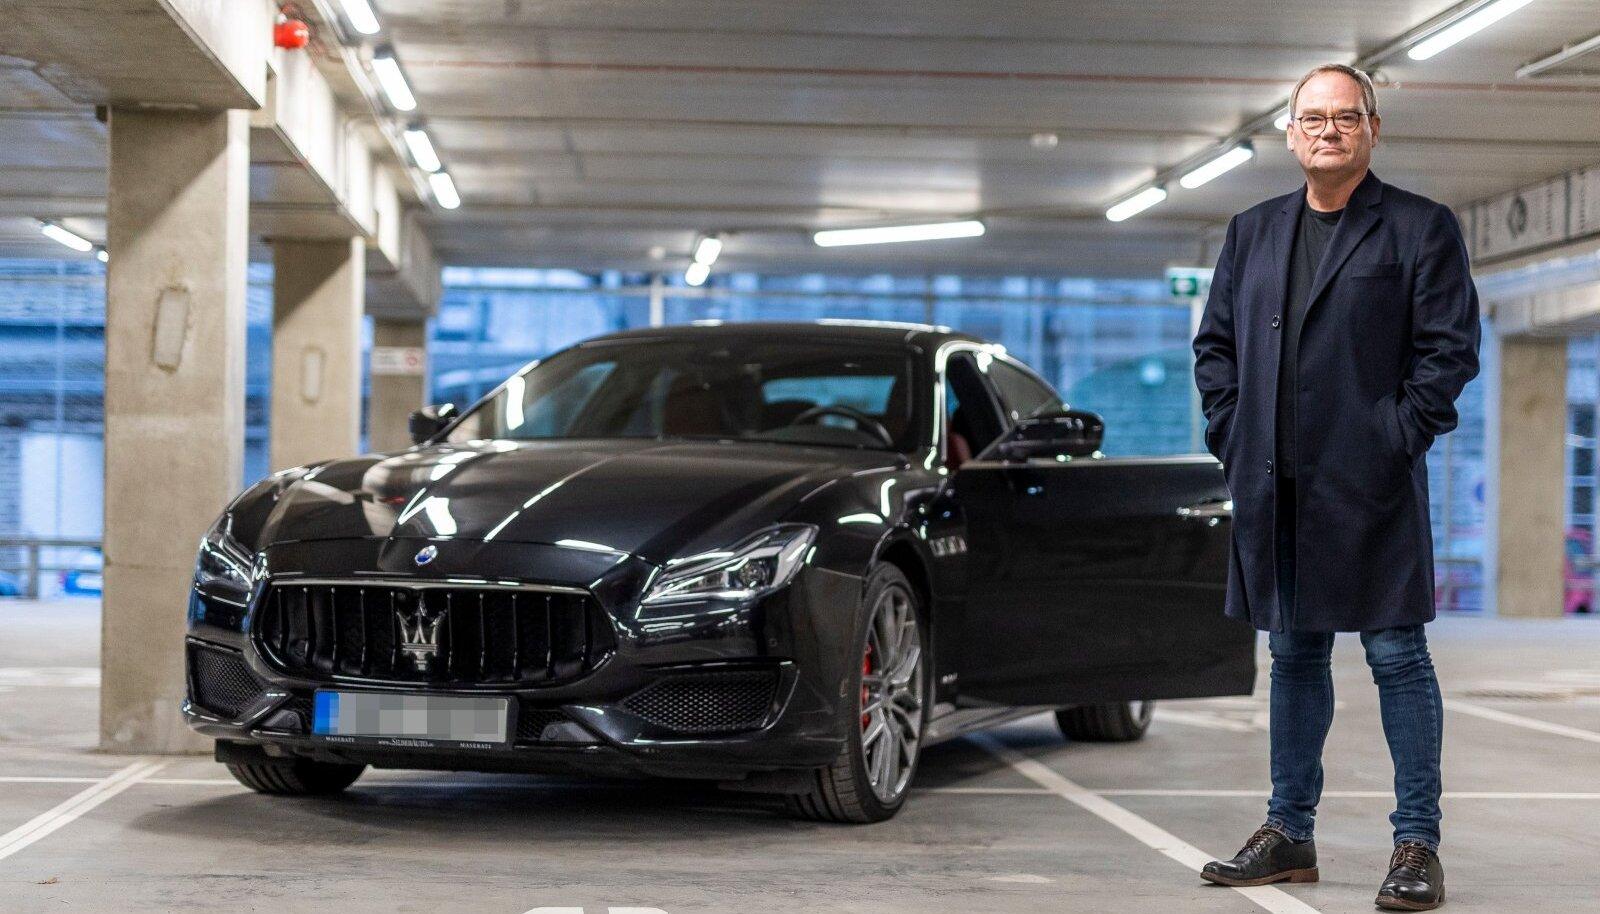 SÕIDAB LUKSUSAUTOGA Jüri sõnul liigub ta enamasti jalgsi, pikemate otste jaoks on tal aga Maserati